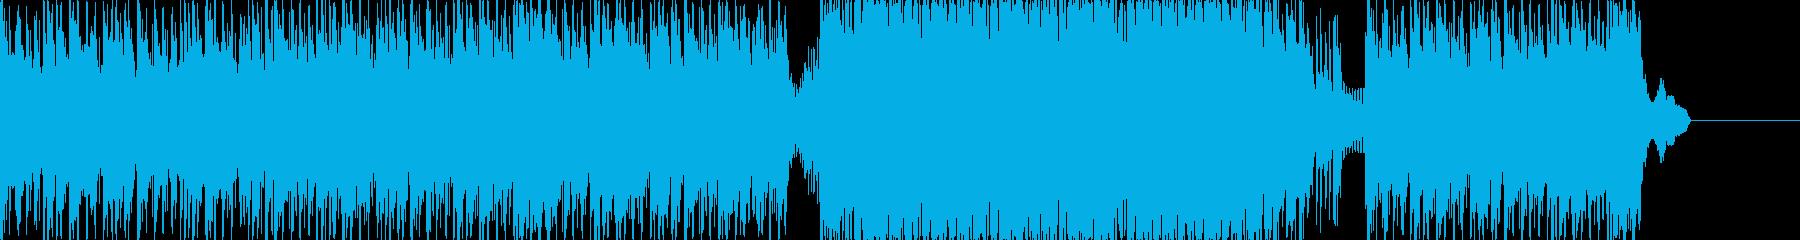 ハードで近未来なドラムンベースの再生済みの波形